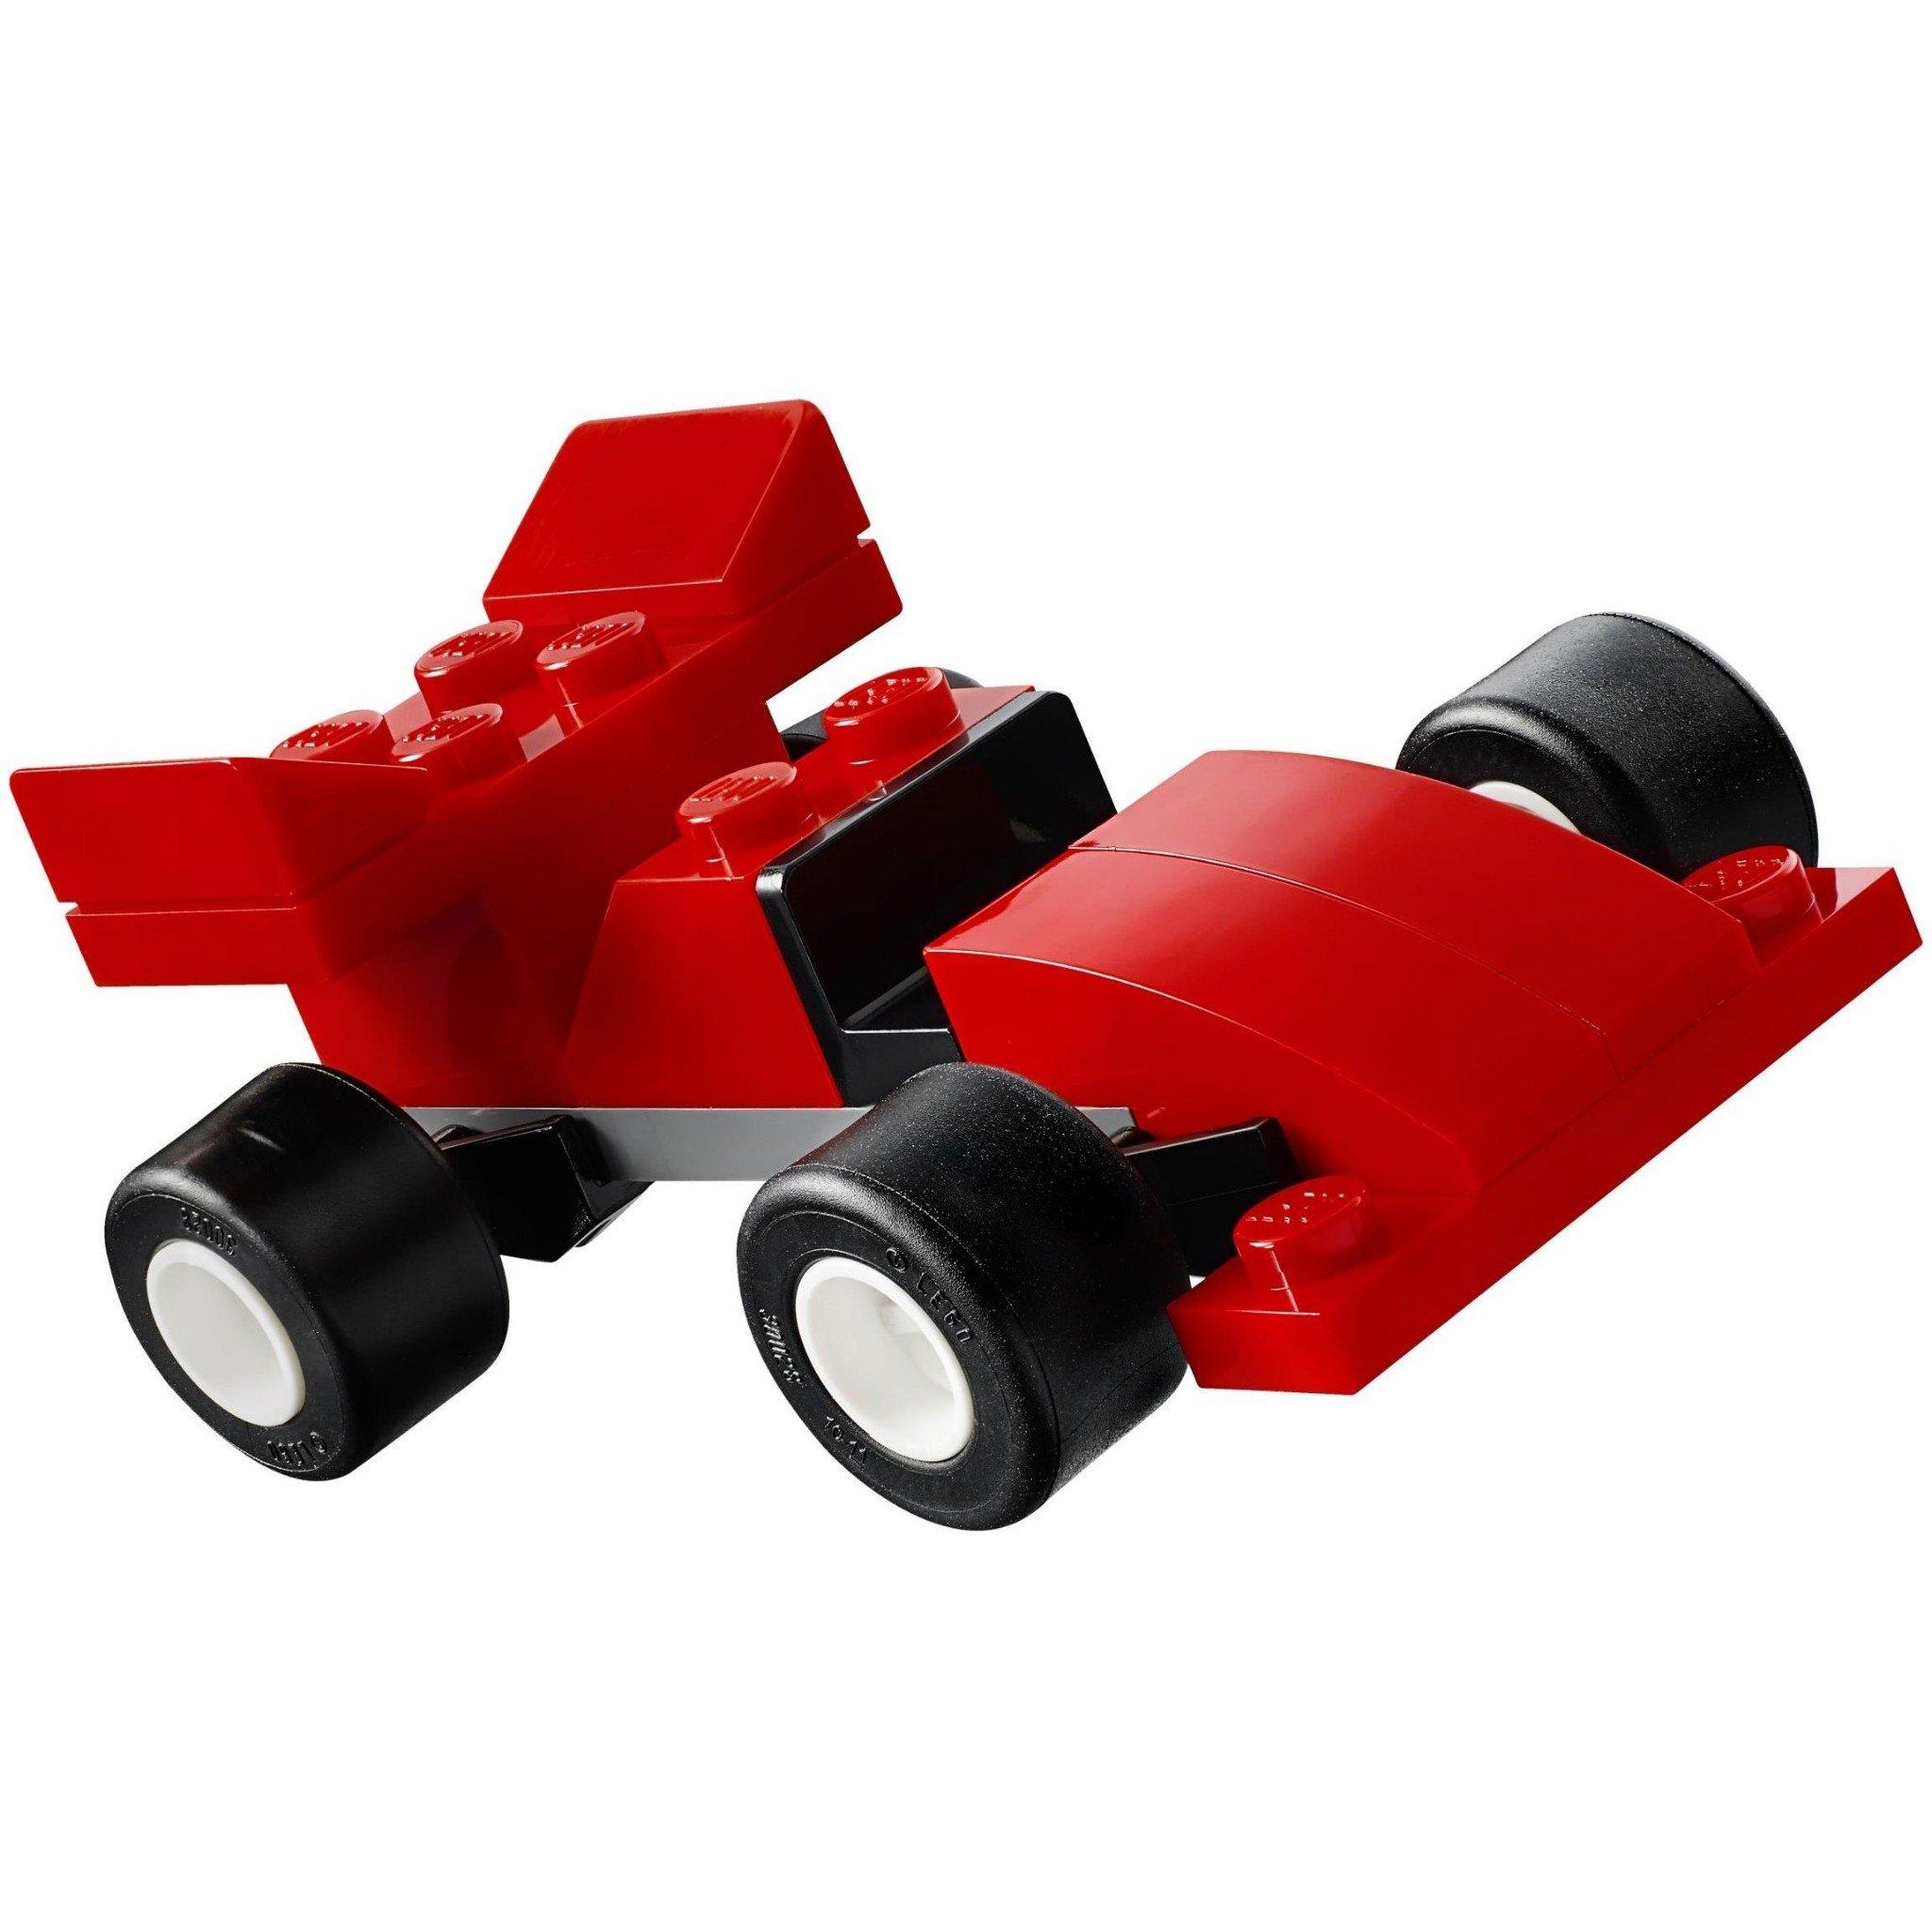 LEGO - Hộp Lắp Ráp Classic Màu Đỏ - 10707